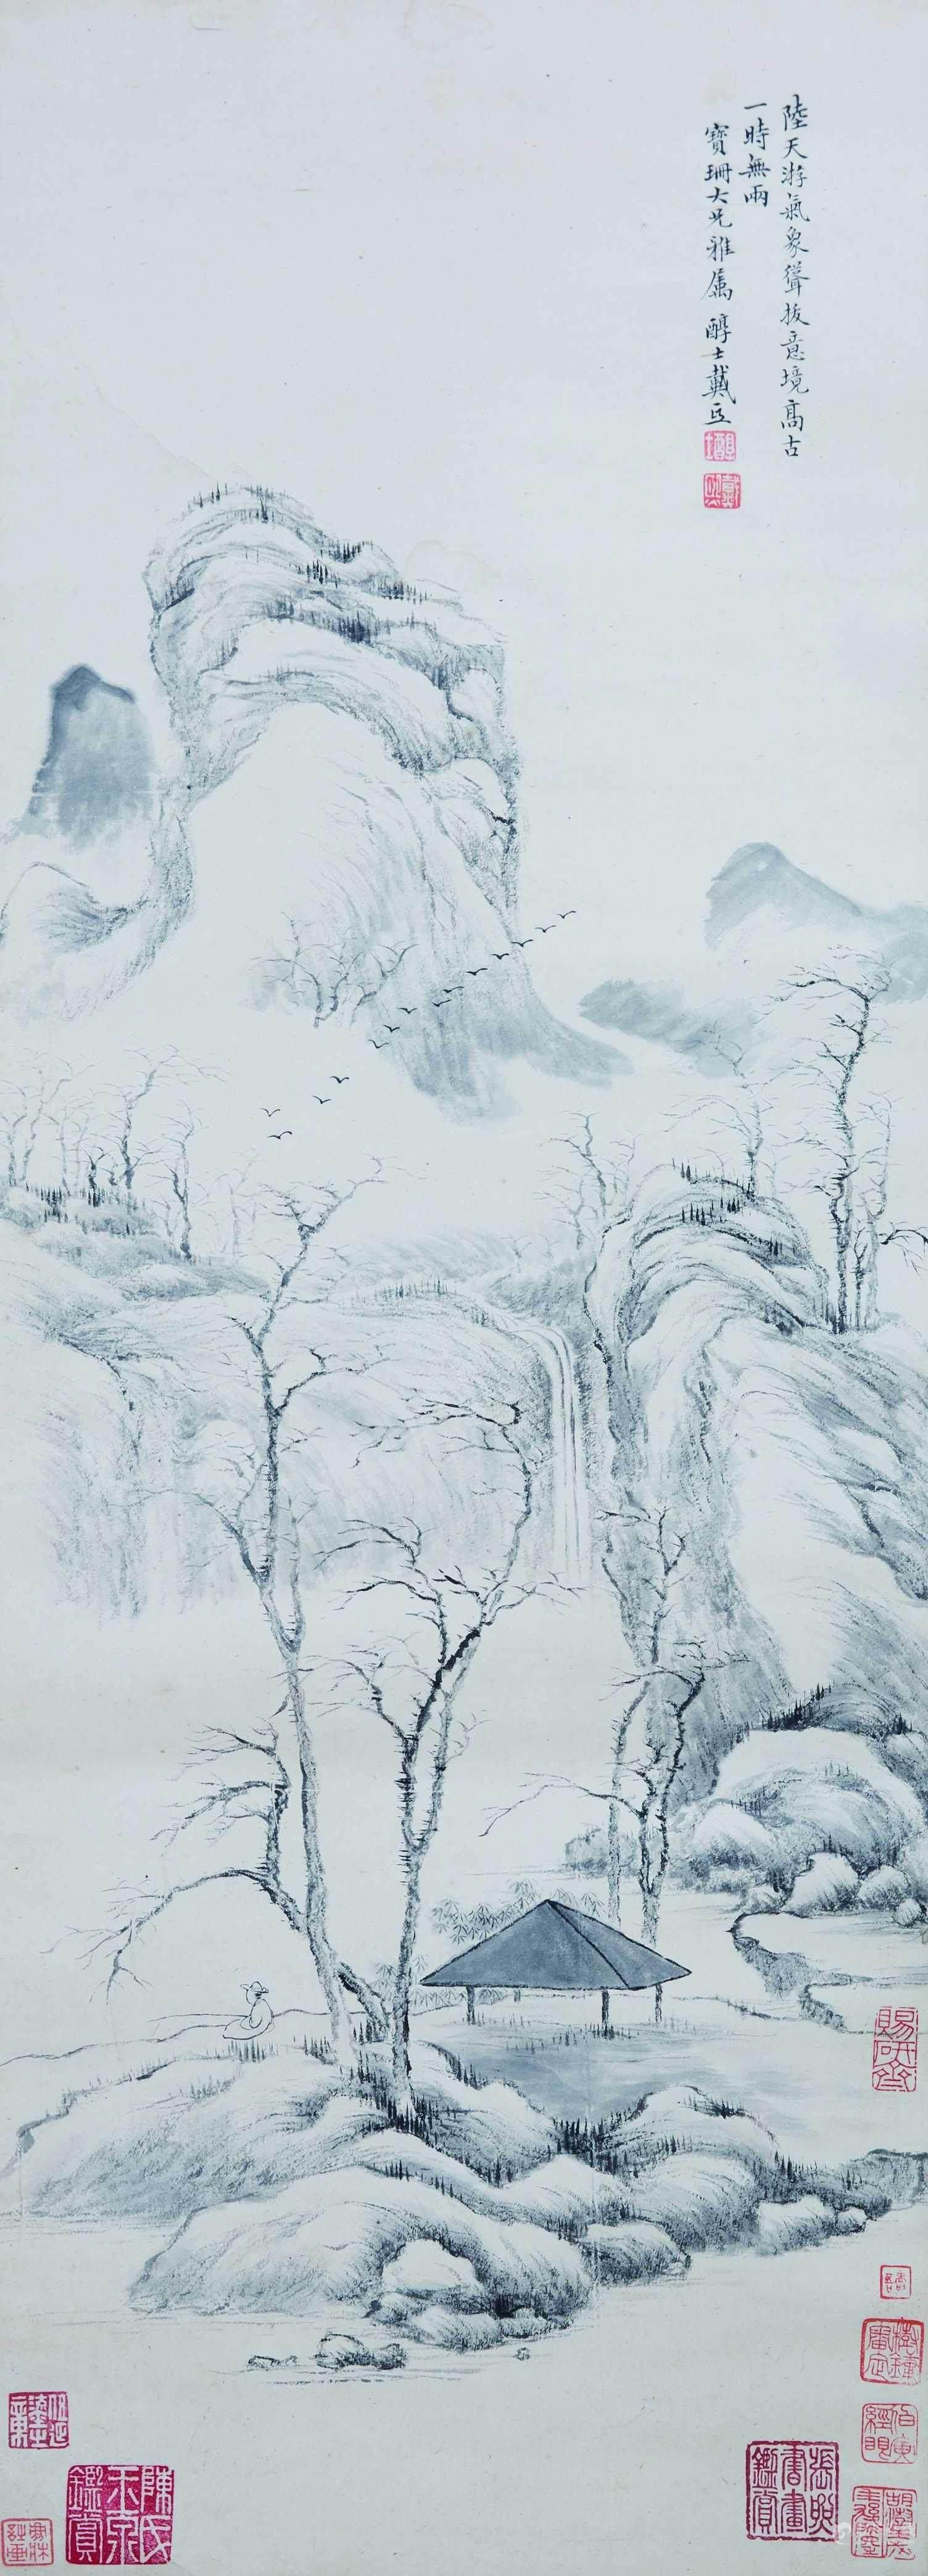 山水风景手绘线稿